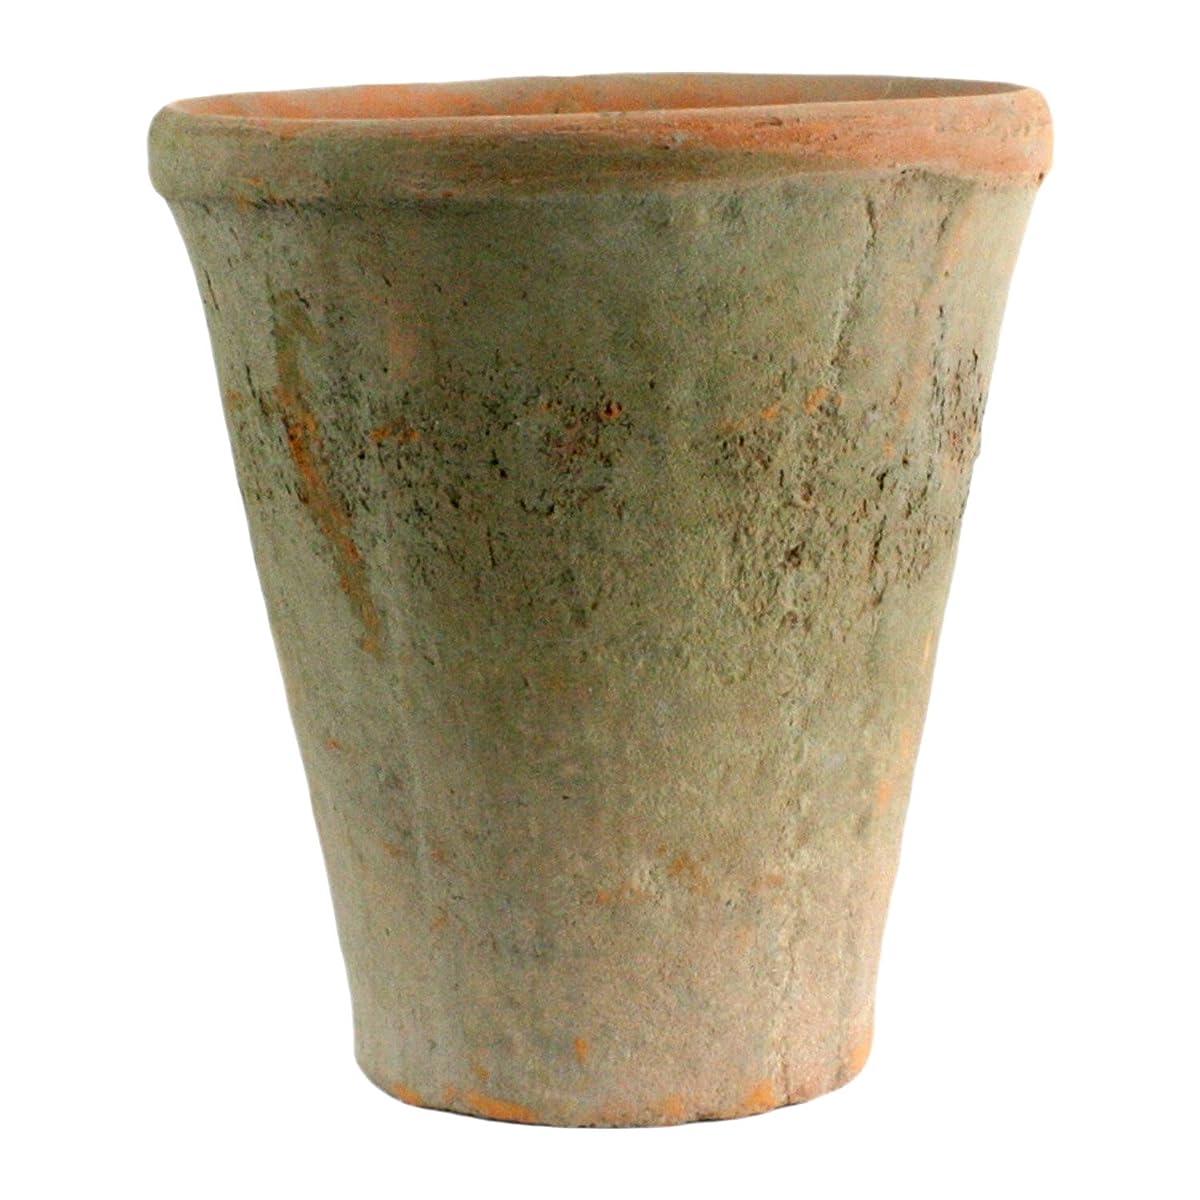 Rustic Terra Cotta Rose Pot, Large, Antique Red